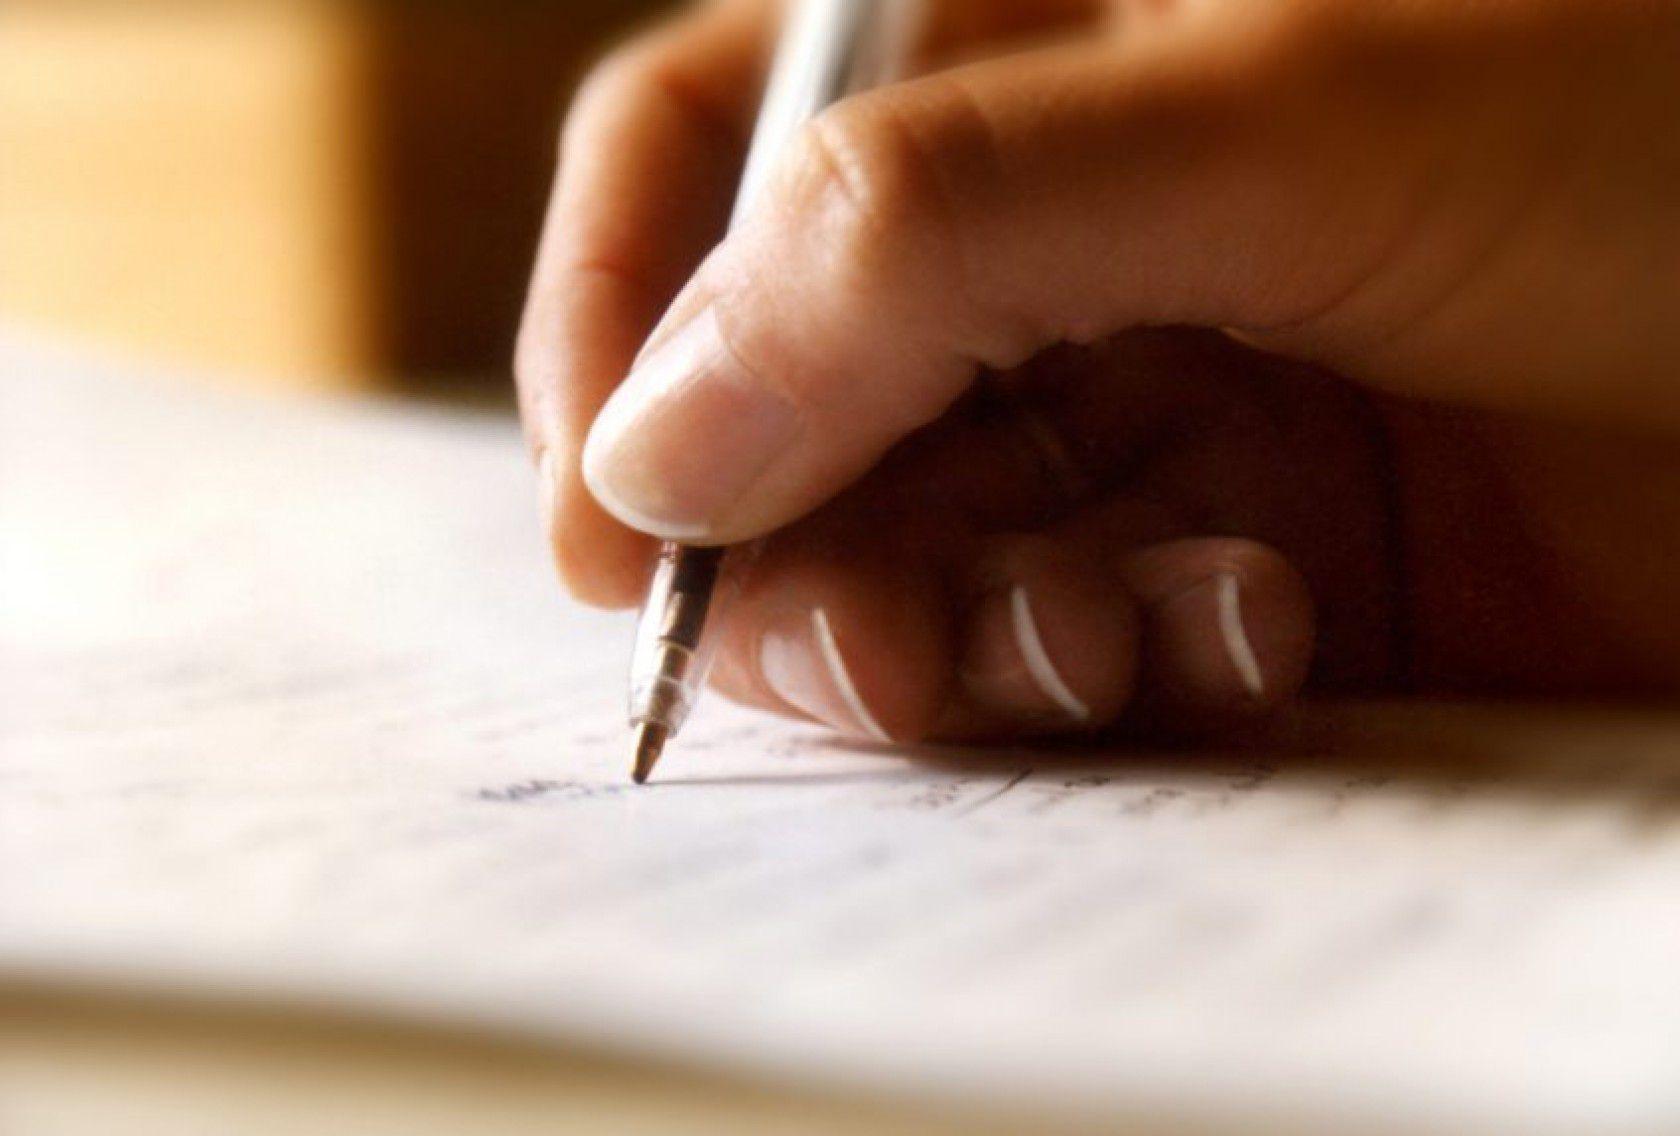 Essay Başlangıç Seviyesi Kurs İçerikleri Nelerdir?